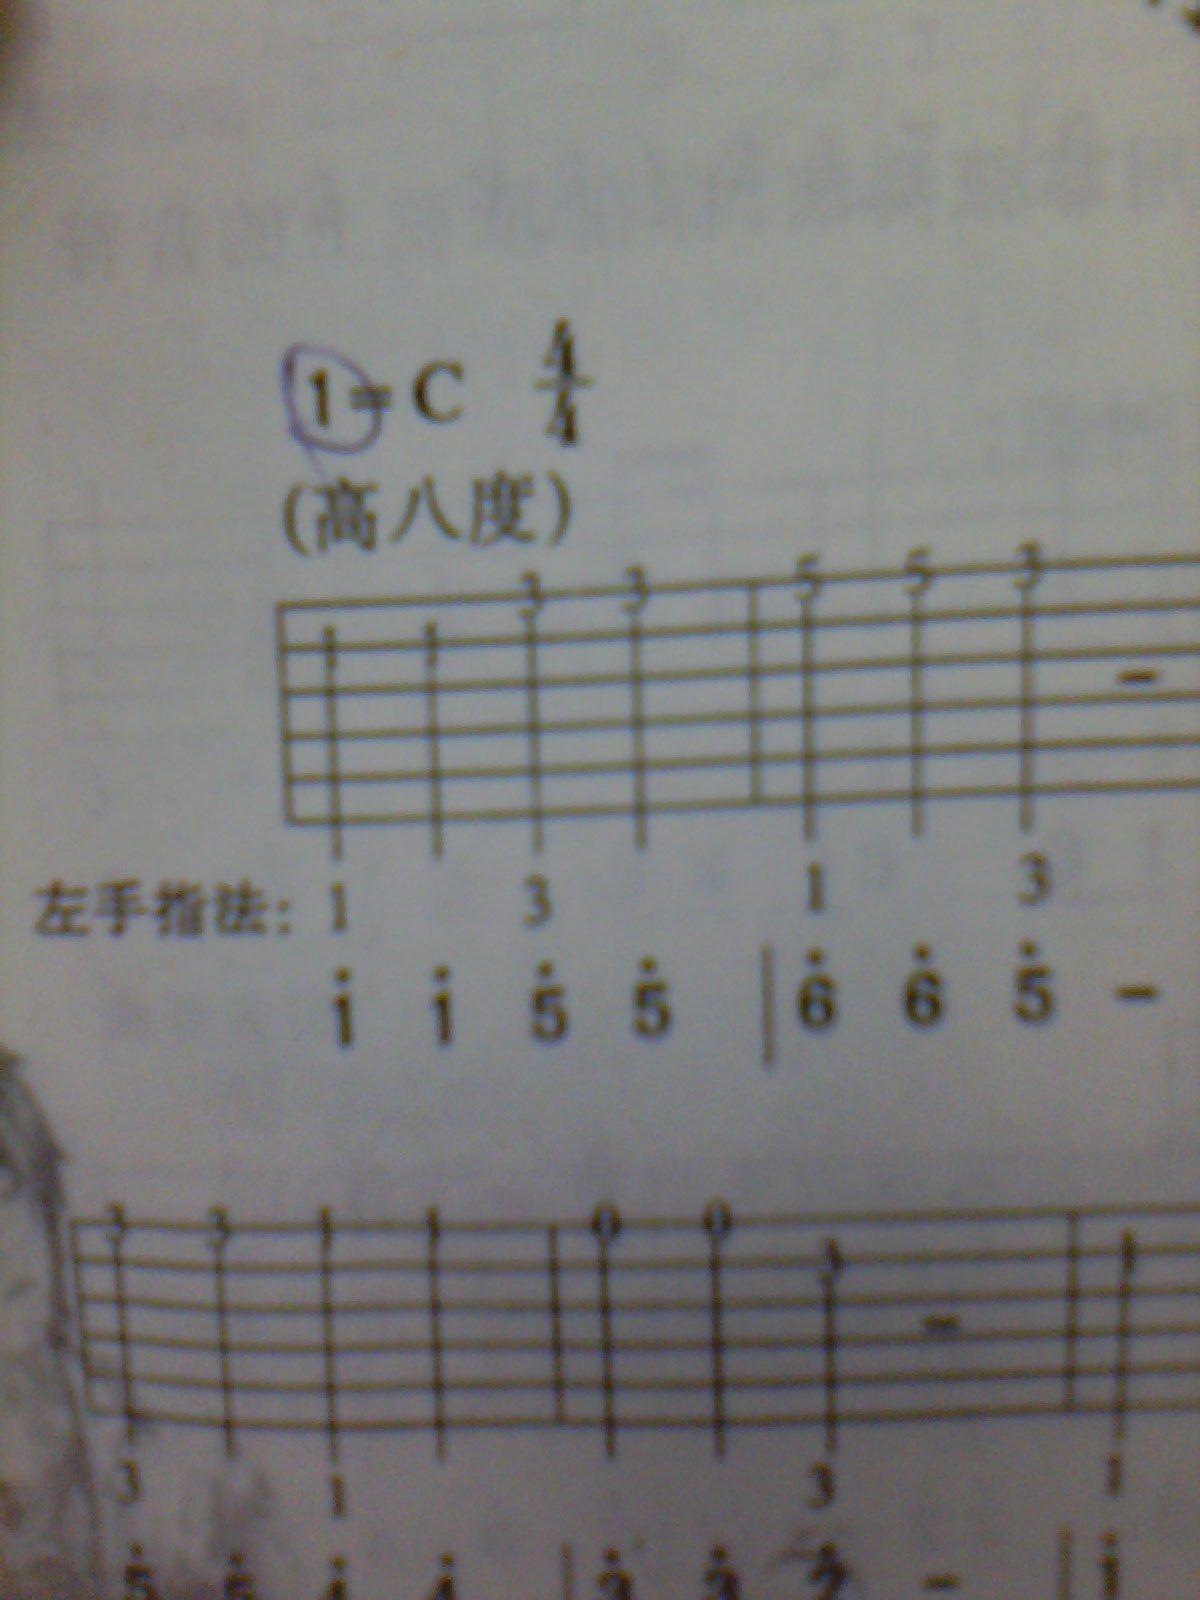 器乐/声乐 分享到:  2013-07-12 13:46 提问者采纳 吉他谱弹的小星星图片